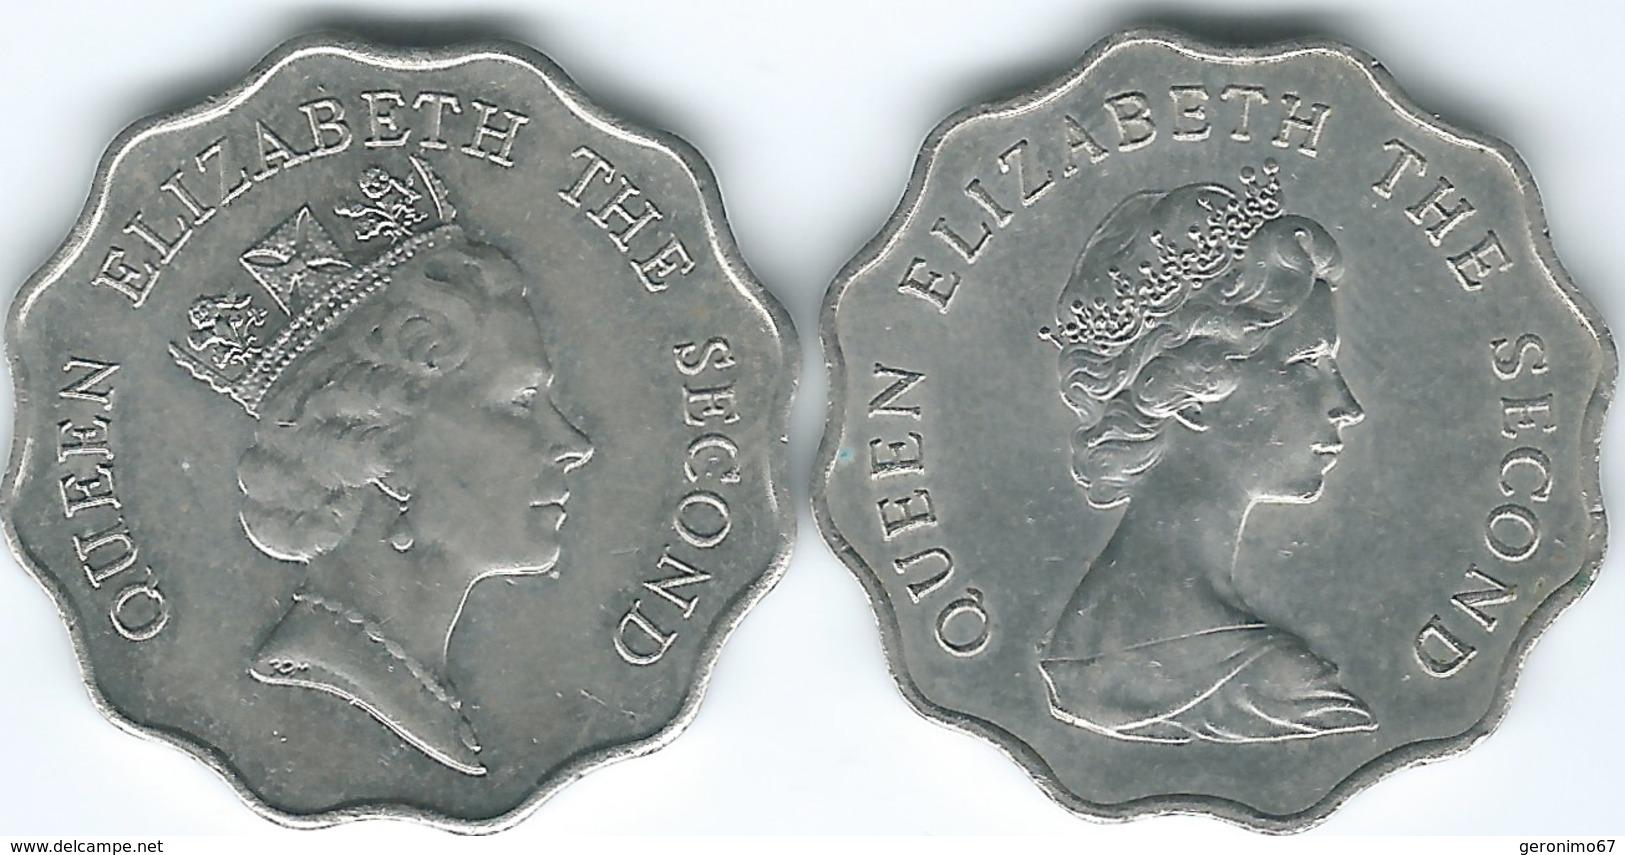 Hong Kong - Elizabeth II - 2 Dollars - 1980 (KM37) 1989 (KM60) - Hong Kong